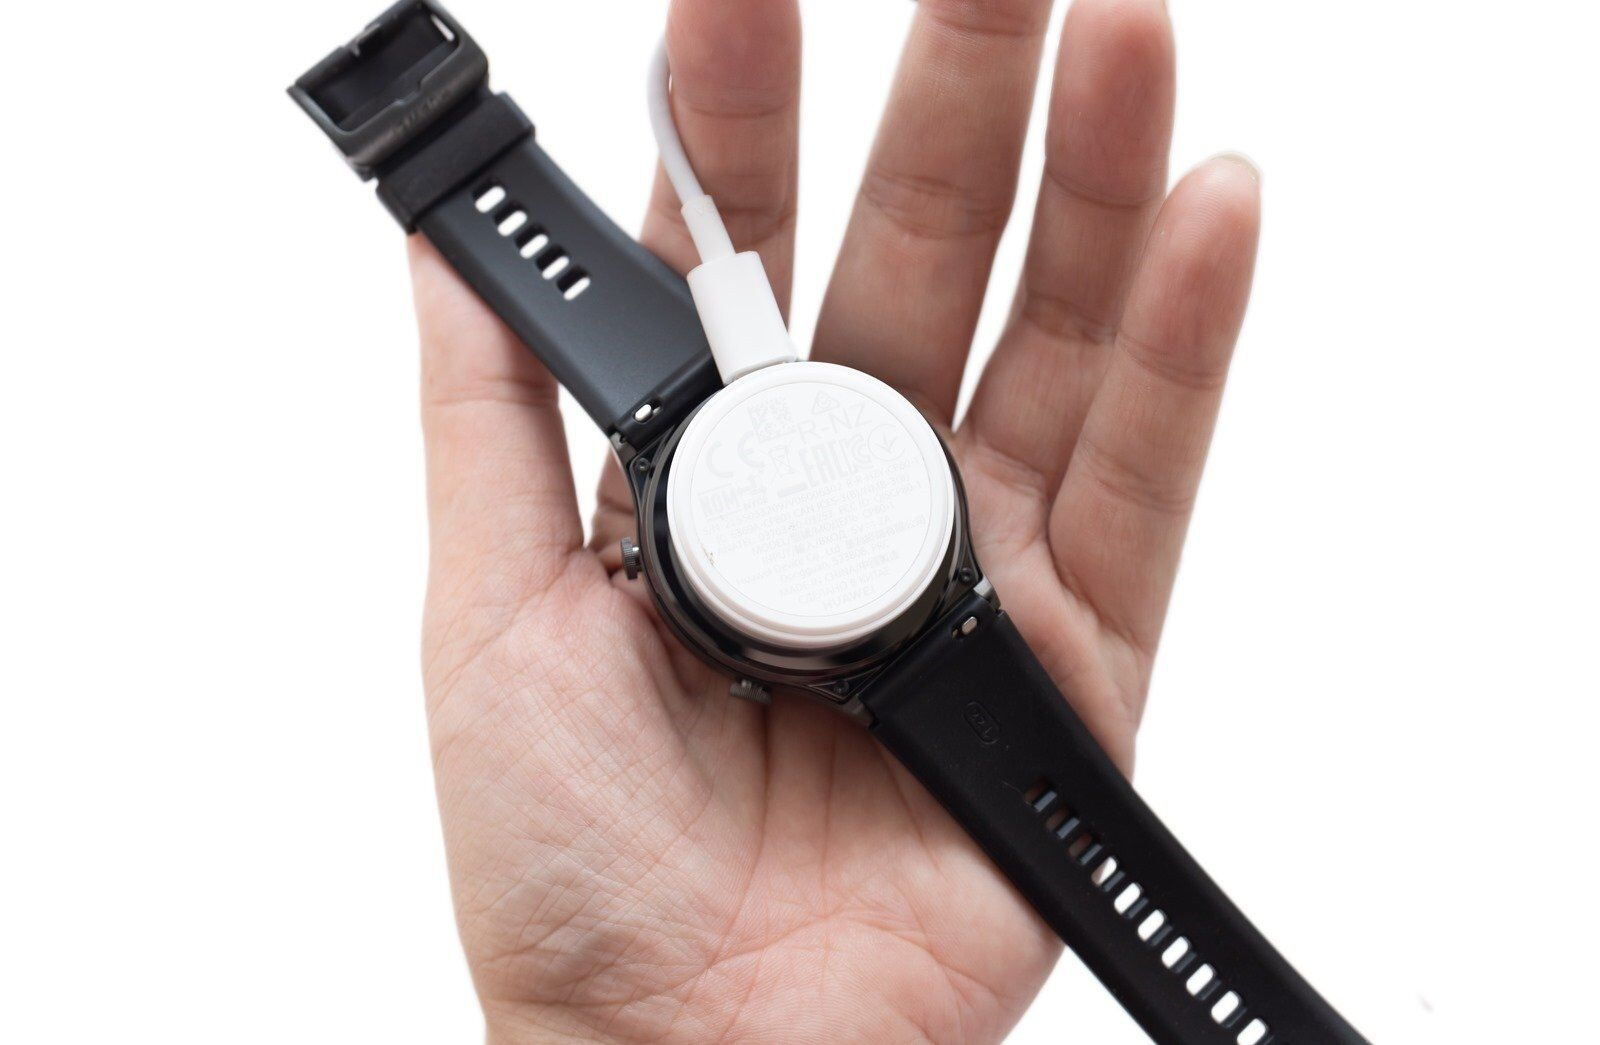 全系列血氧功能還有連續偵測!華為 WATCH GT2 Pro / Band 6 開箱 + 華為穿戴選購 +阿輝智慧手錶手環挑選技巧 @3C 達人廖阿輝